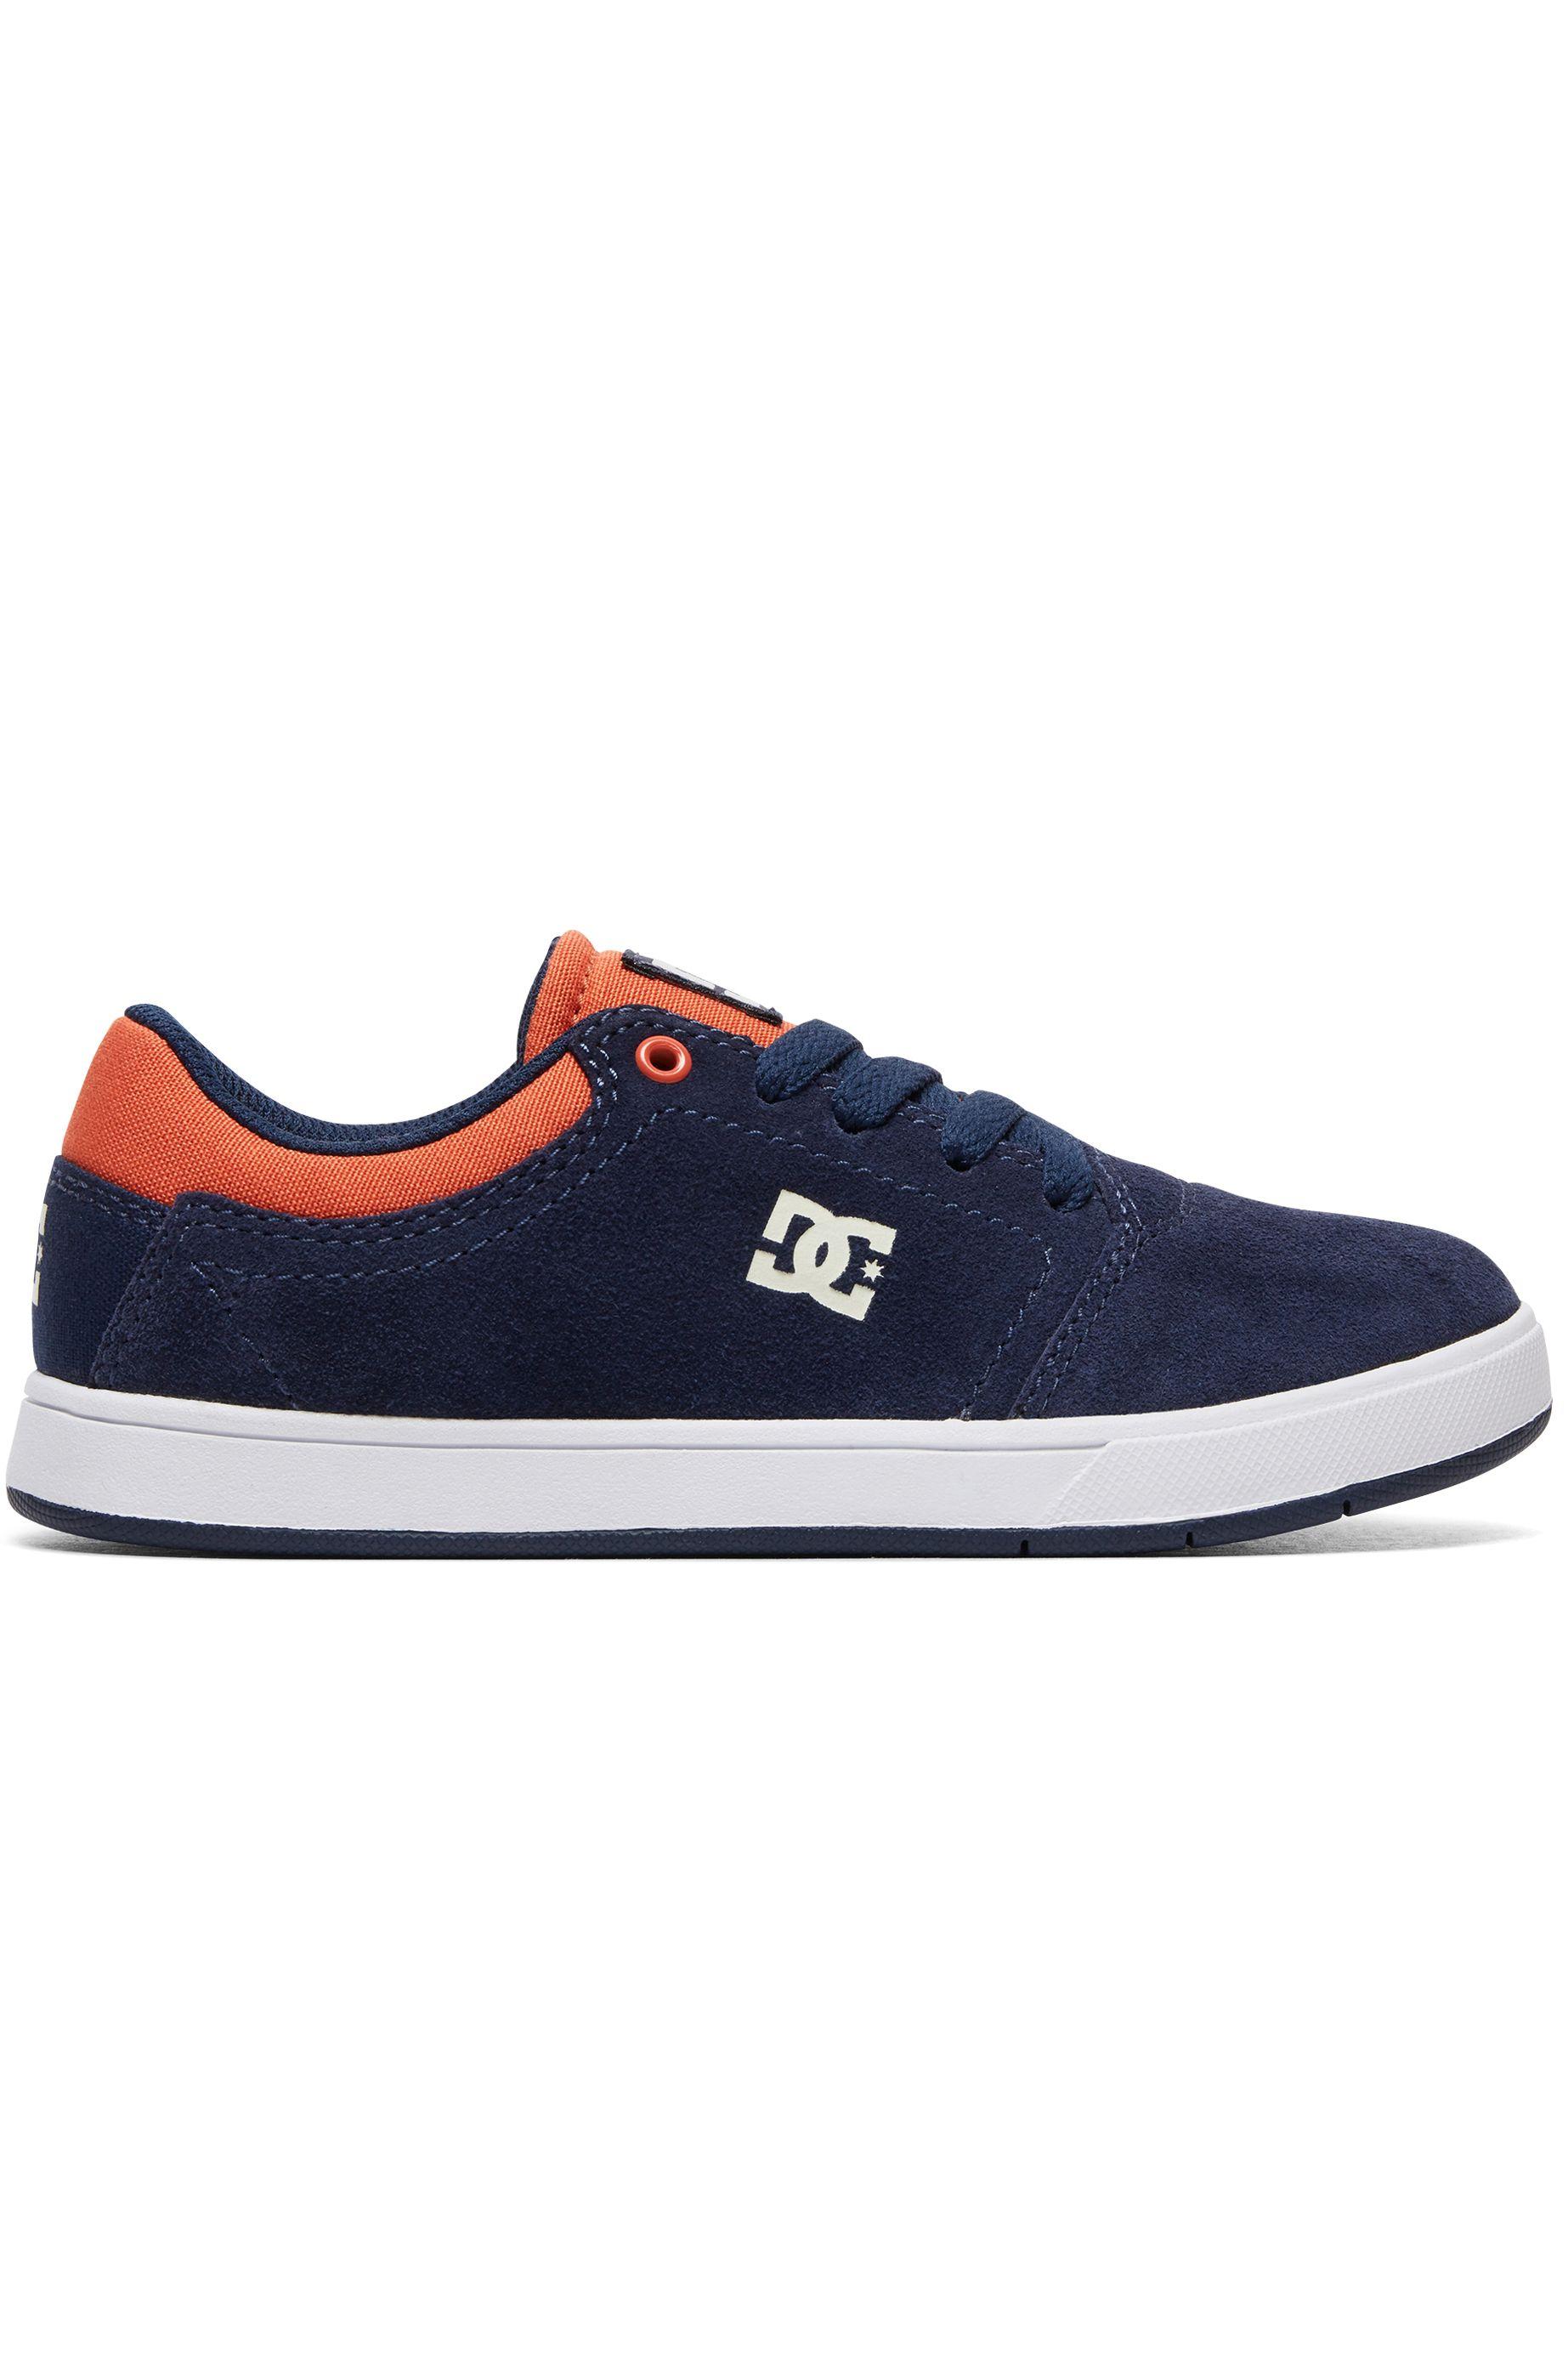 23c89e17f9216 Tenis DC Shoes CRISIS Indigo